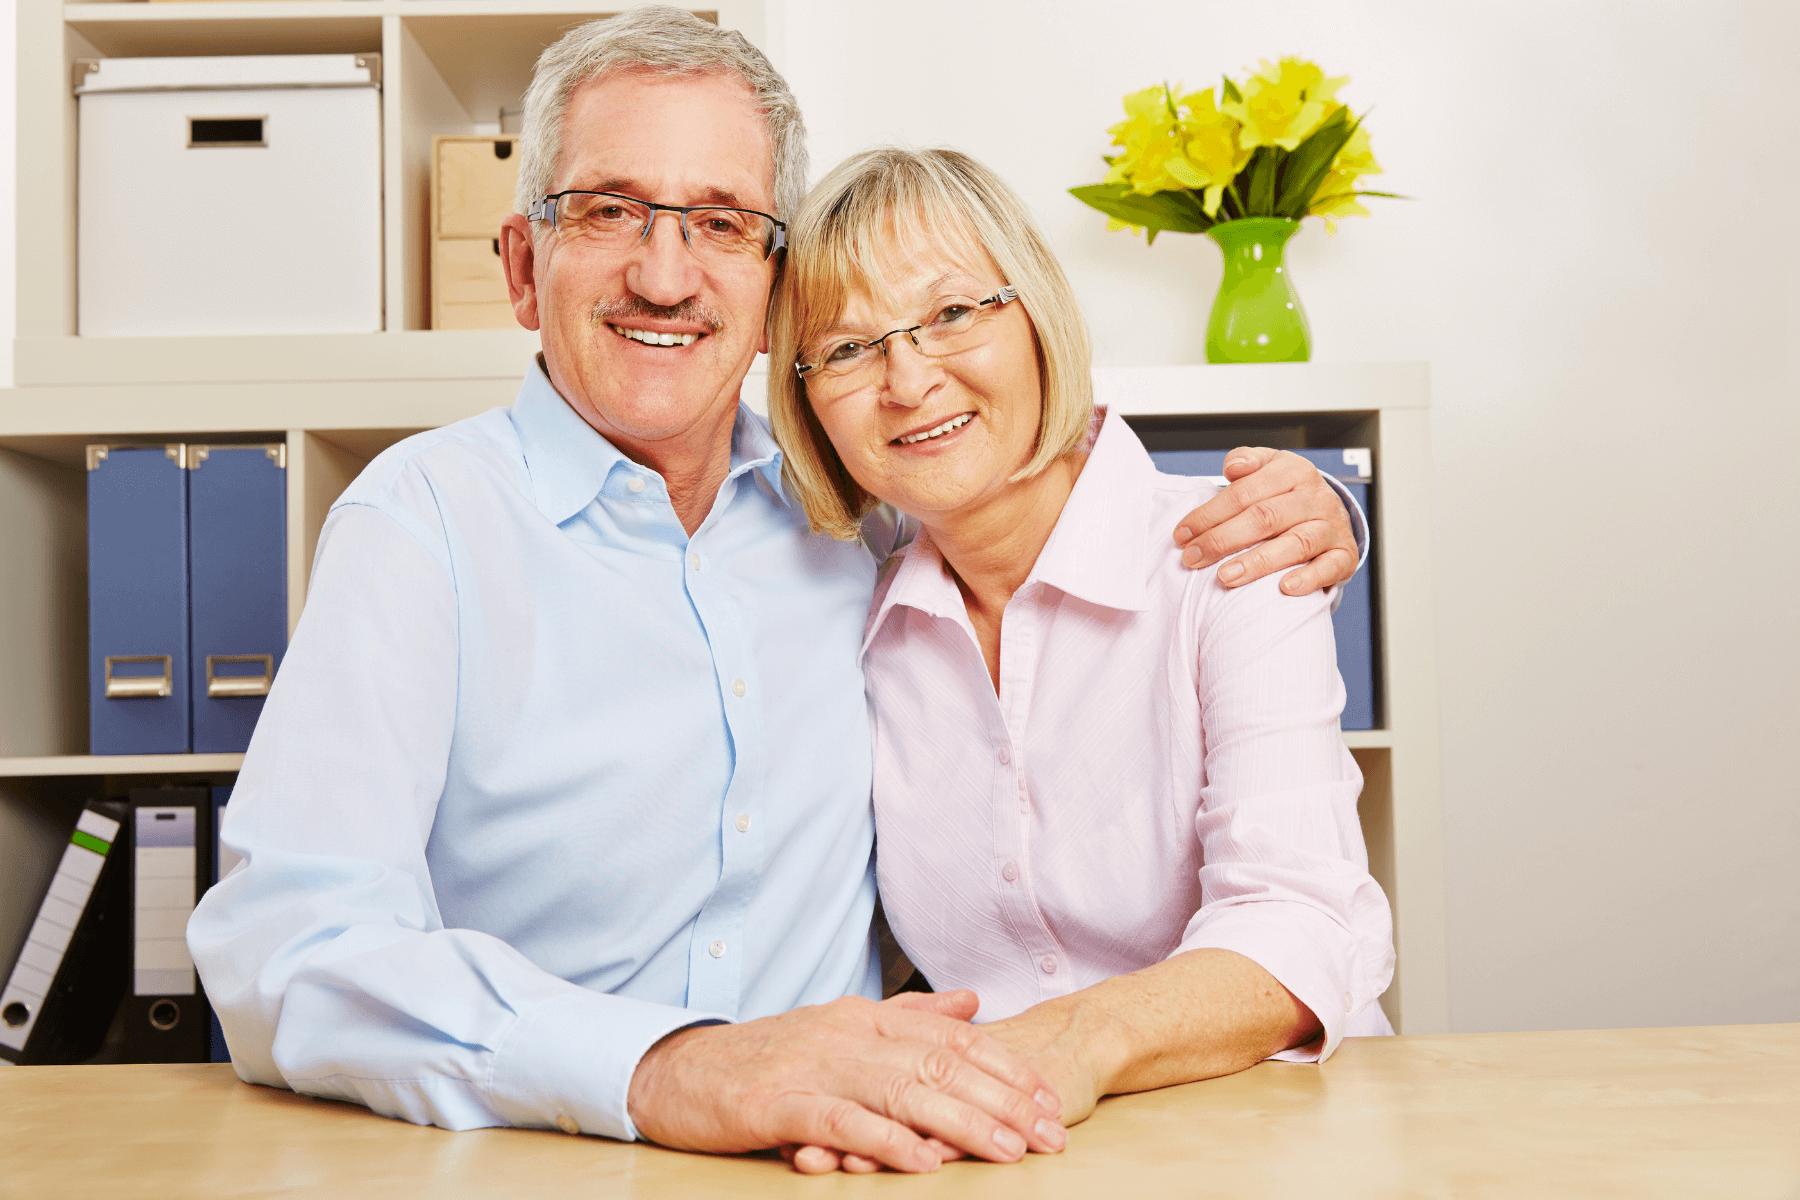 10 Tips for Making Your Home Safe for Older Relatives